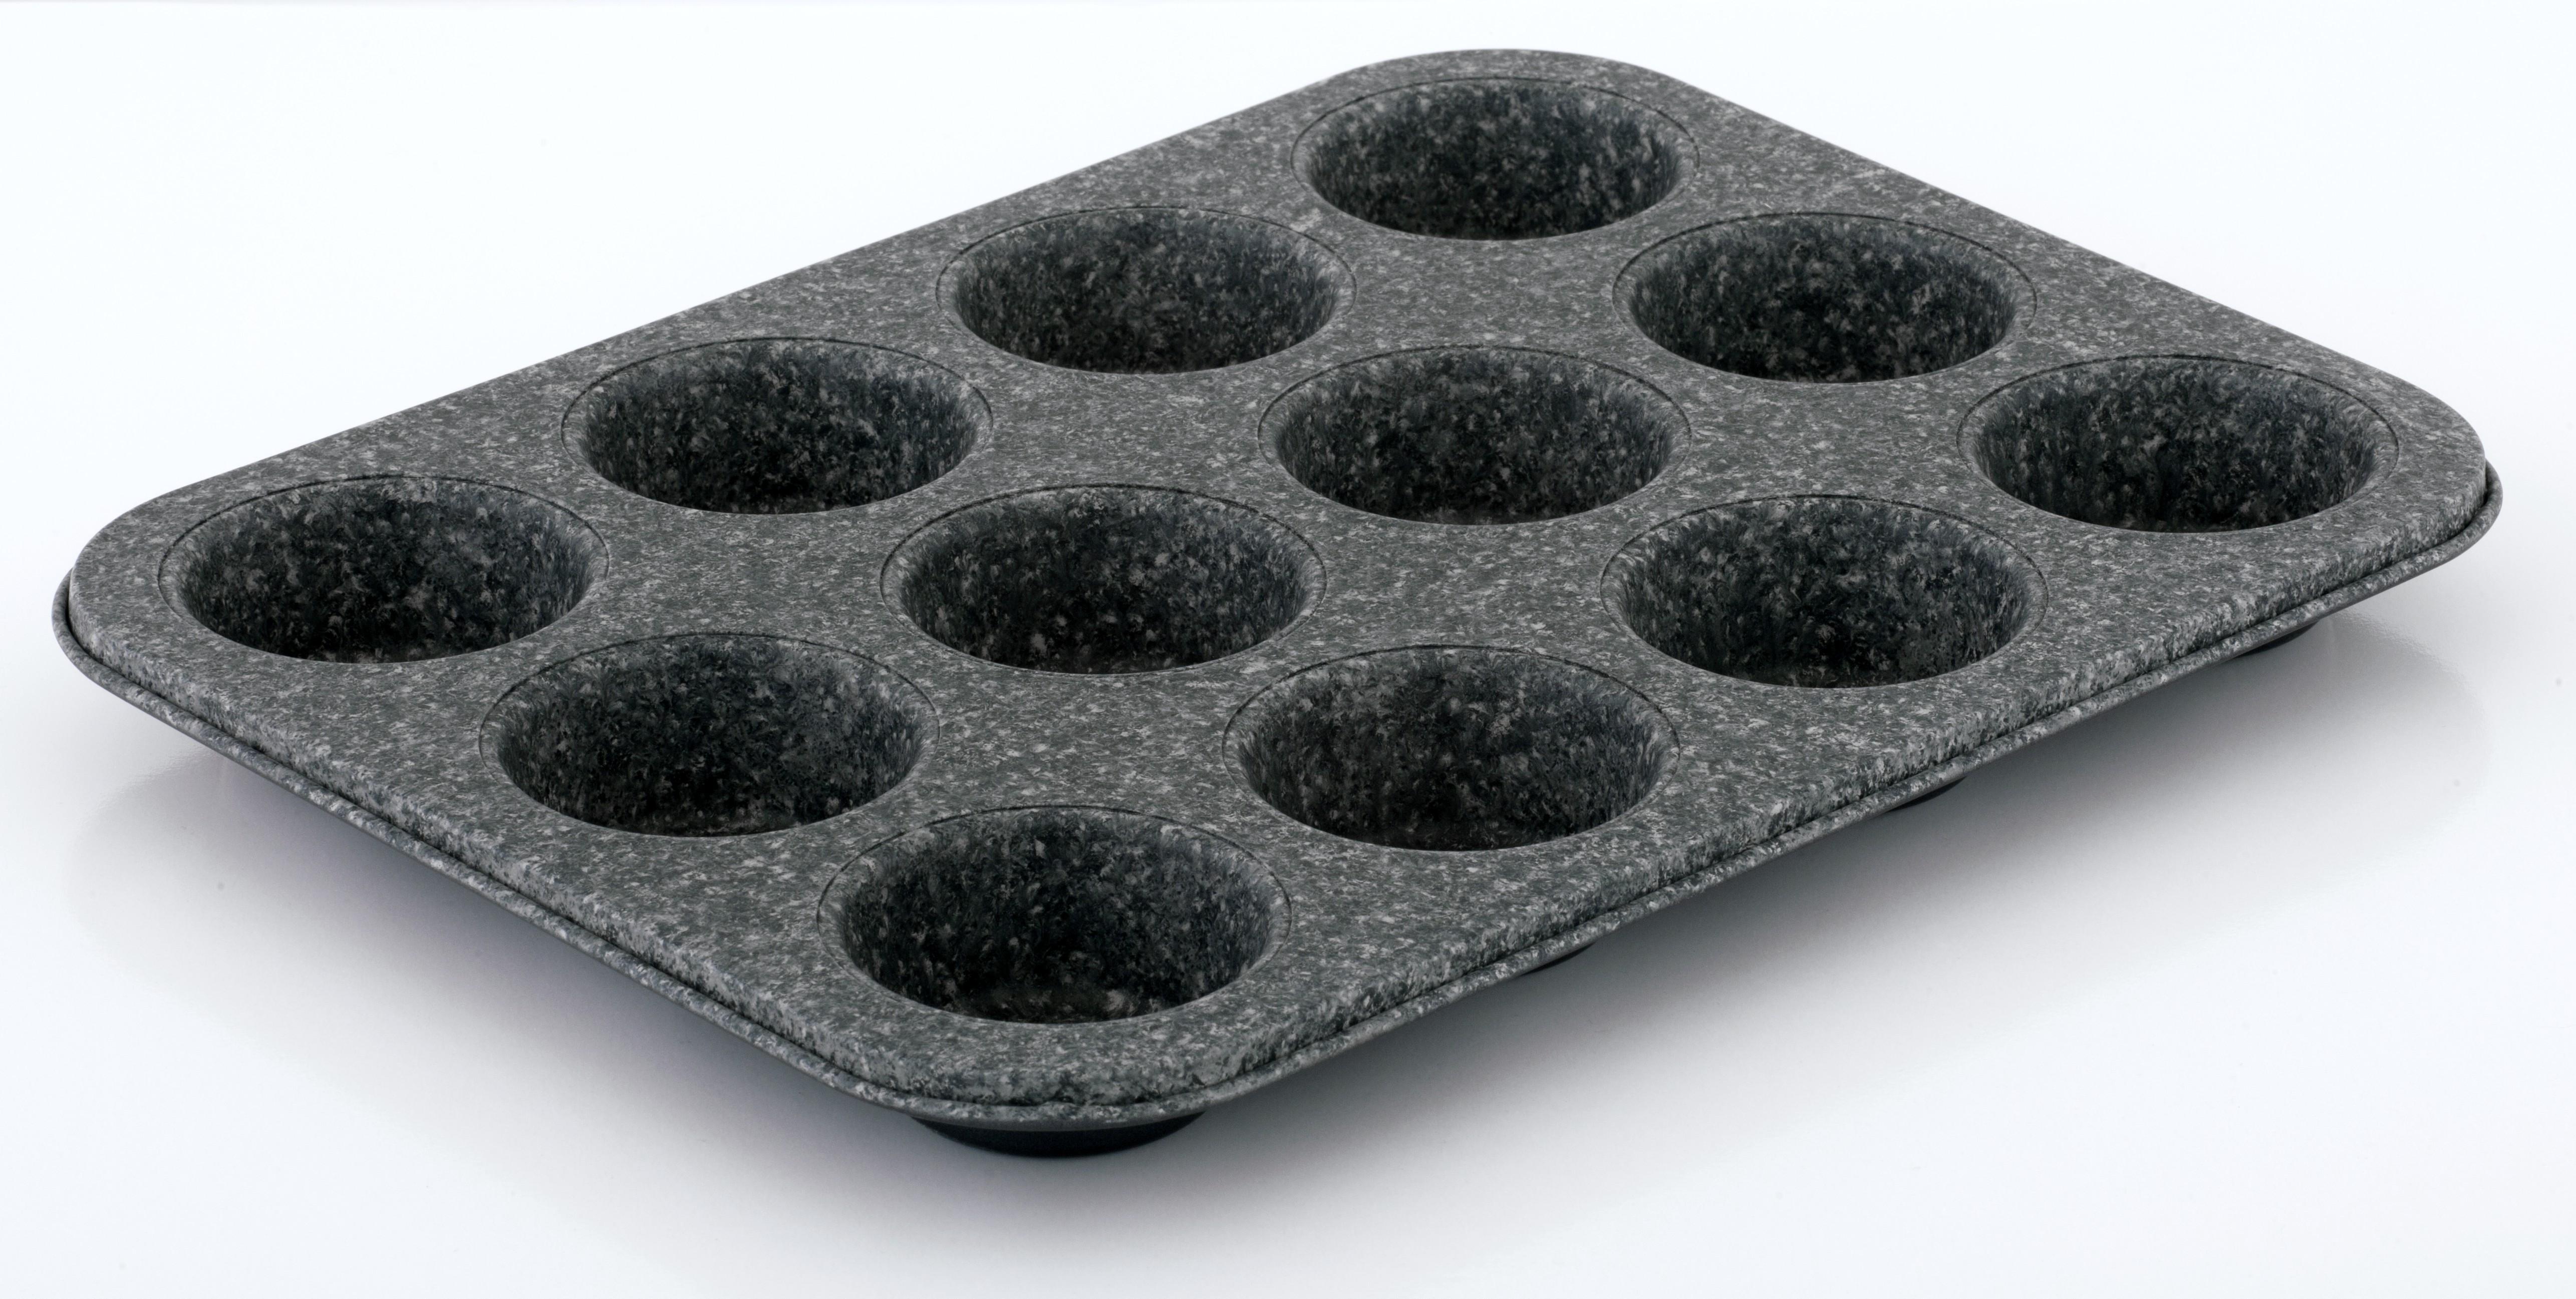 STEINFURT Muffinform 35 x 26,5 cm